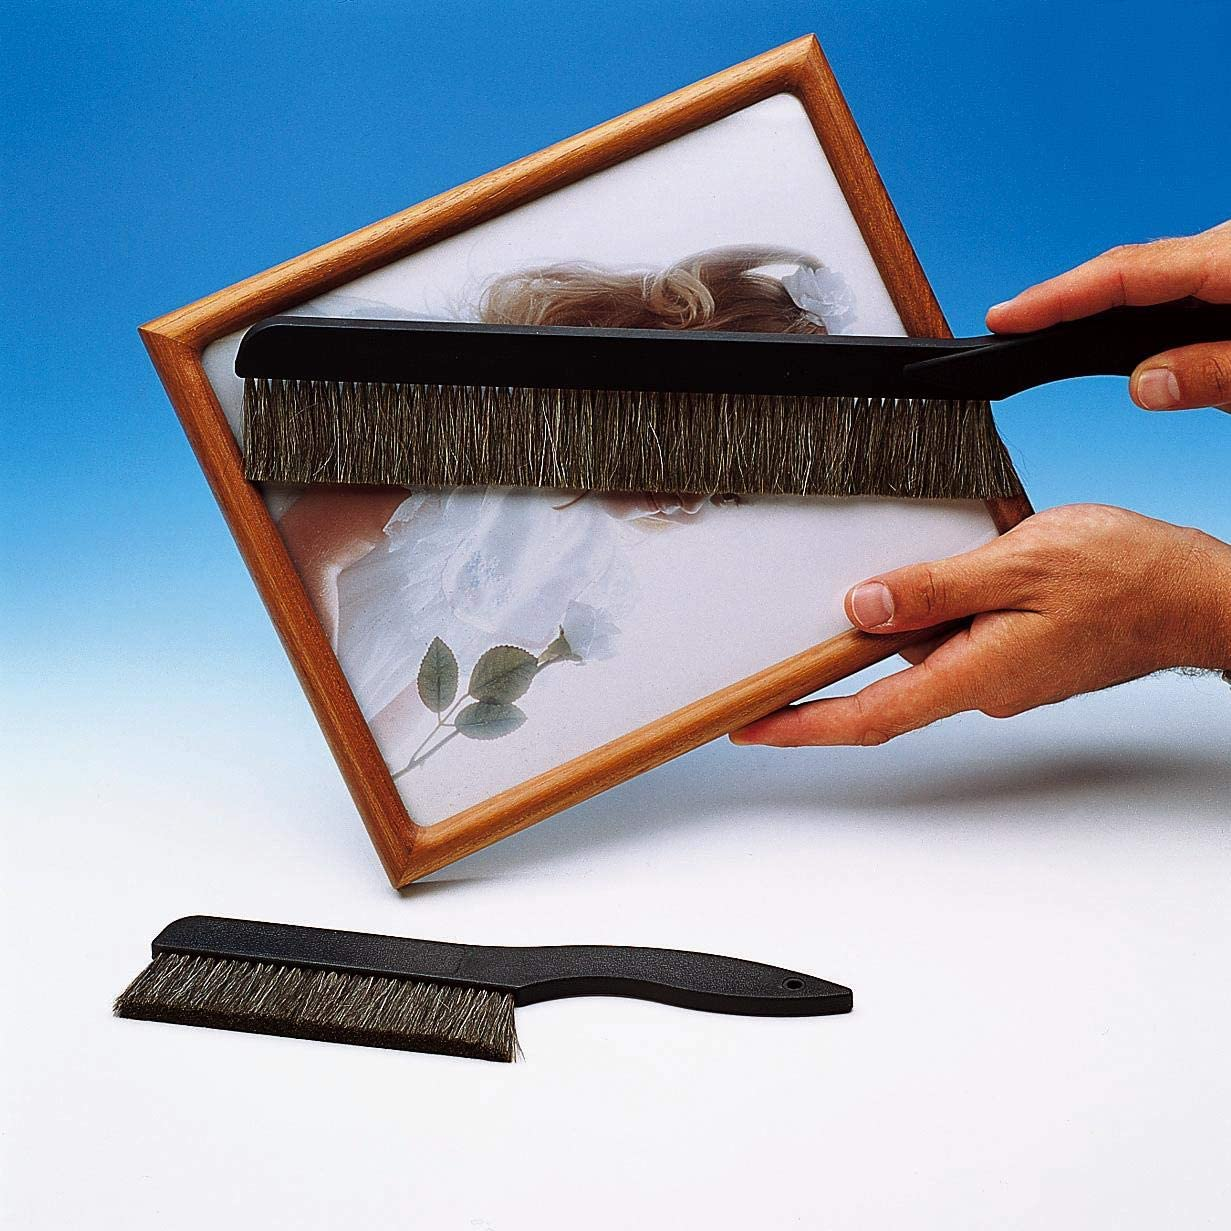 Kinetronics StaticWisk Brush